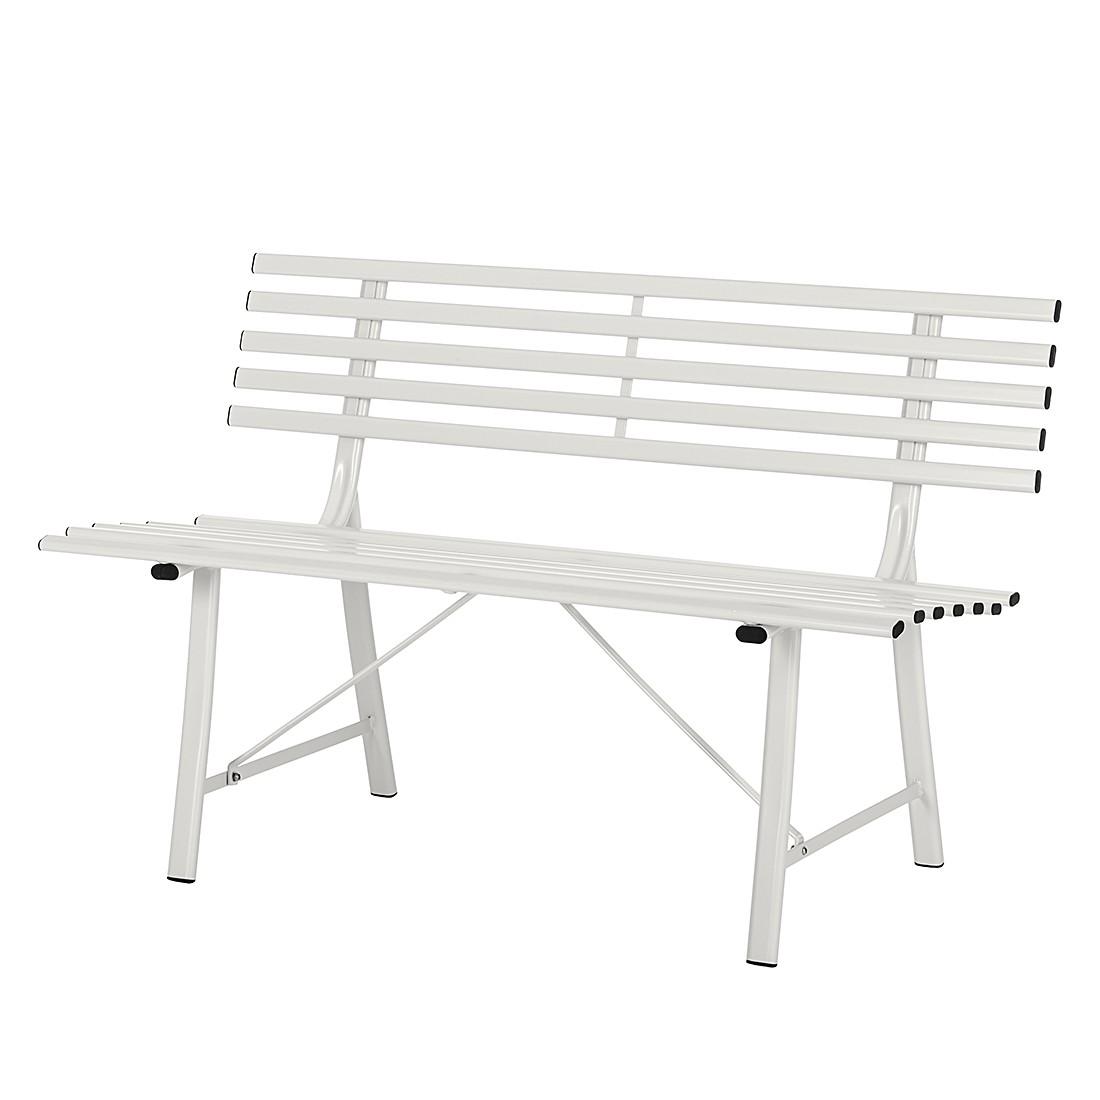 Gartenbank Parkslope - Weiß, Garden Guerilla